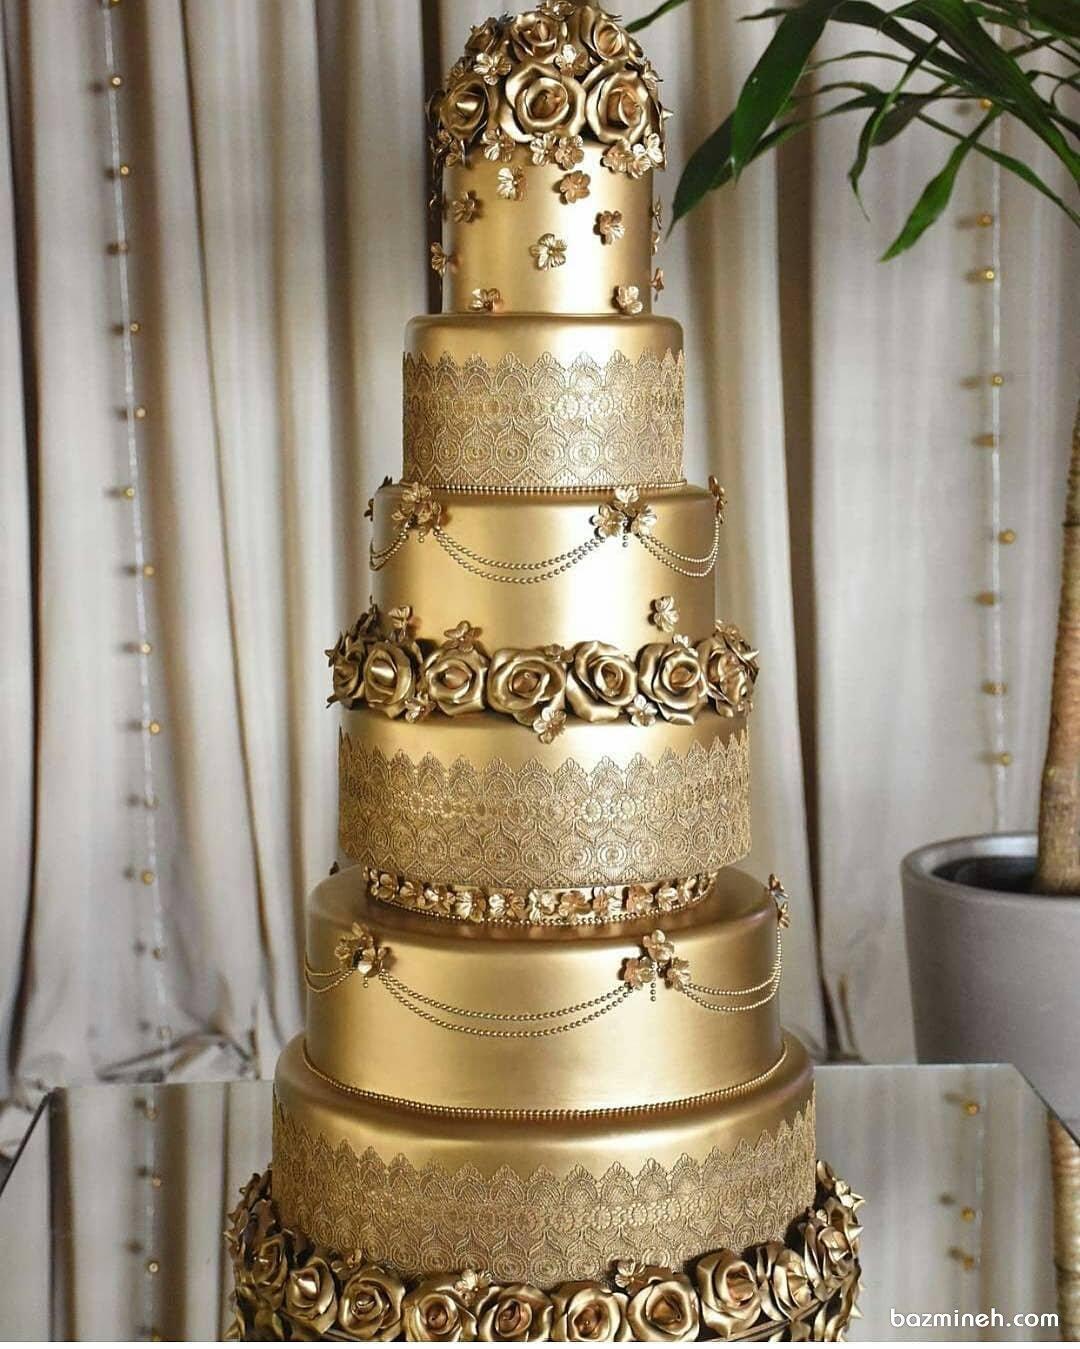 کیک منحصر به فرد و باشکوه جشن نامزدی یا عروسی با تم طلایی